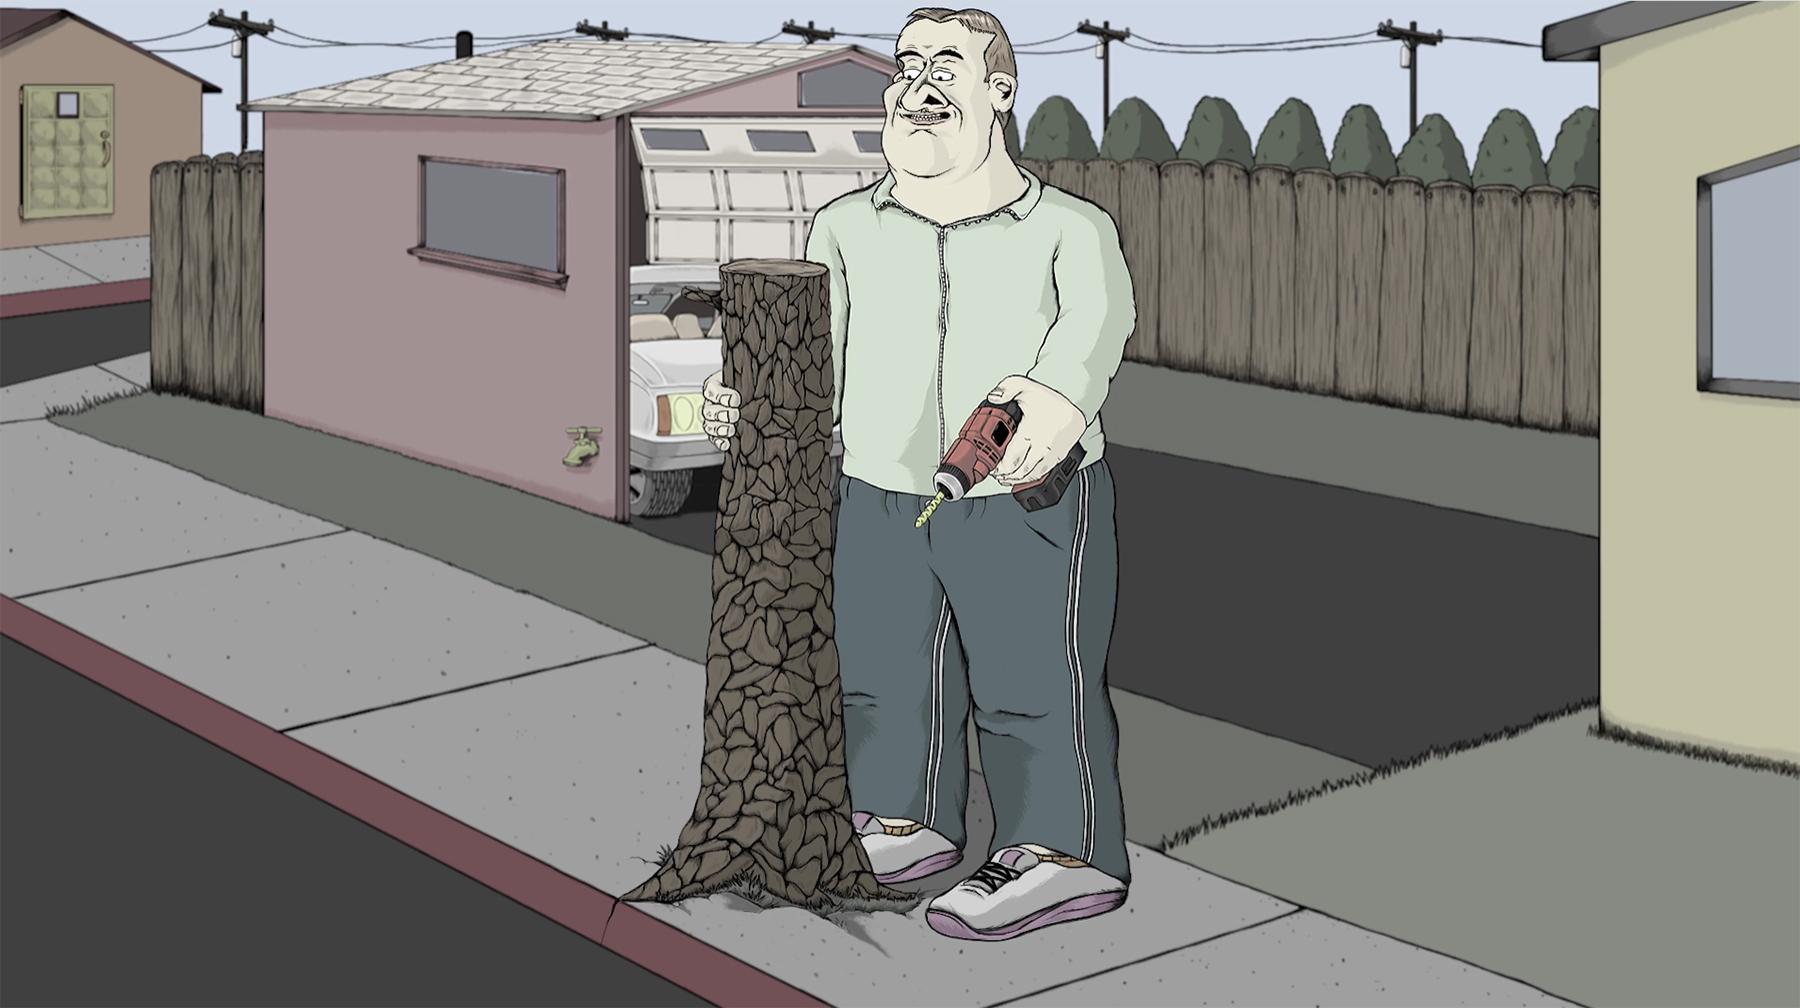 Baumstumpf, Blase und bohrende Moral